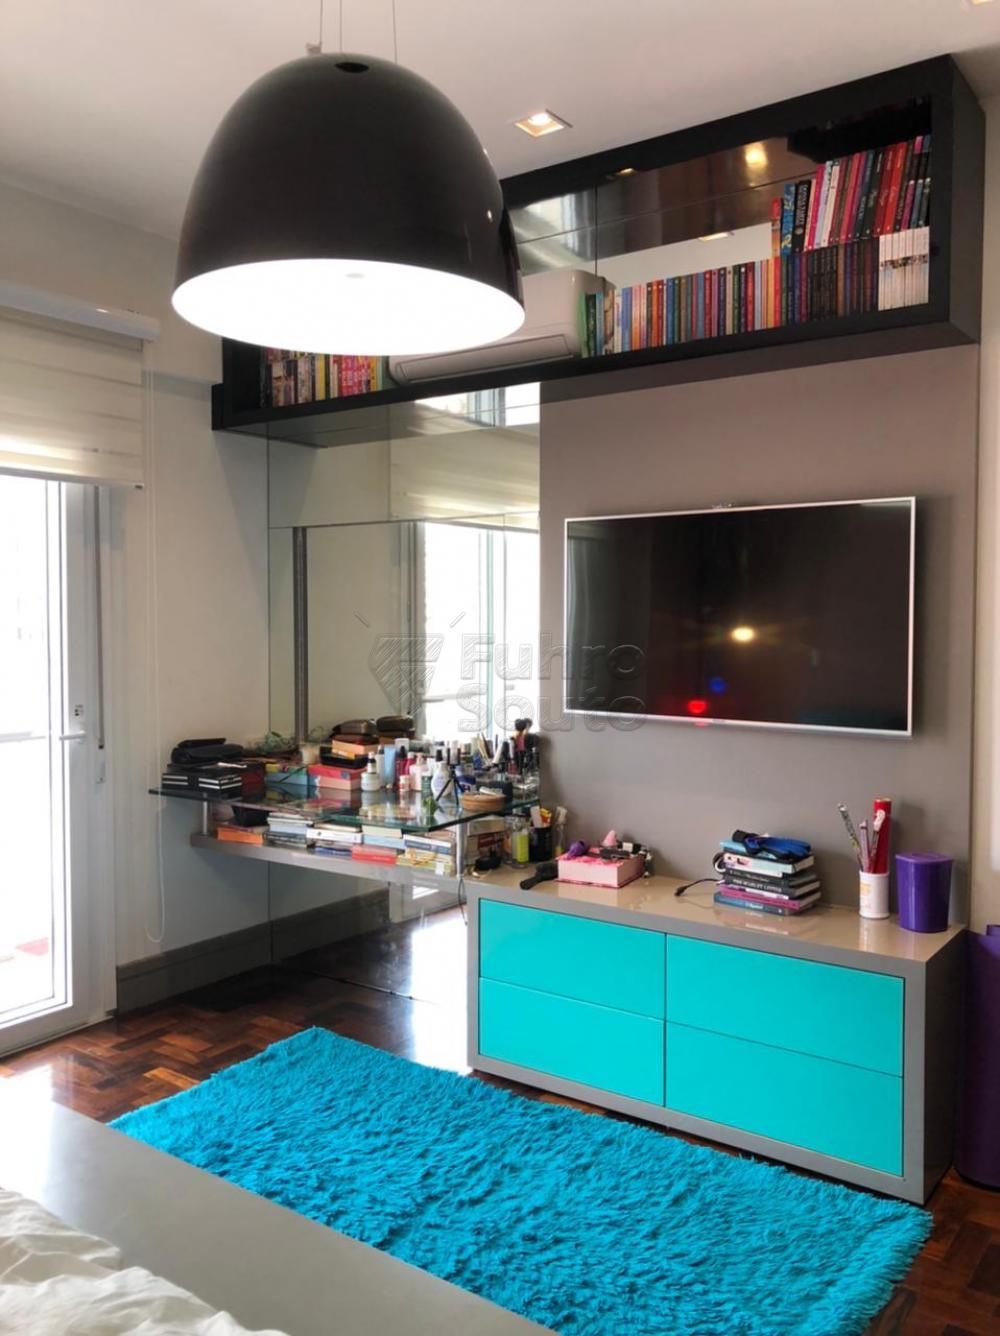 Comprar Apartamento / Padrão em Pelotas R$ 650.000,00 - Foto 8